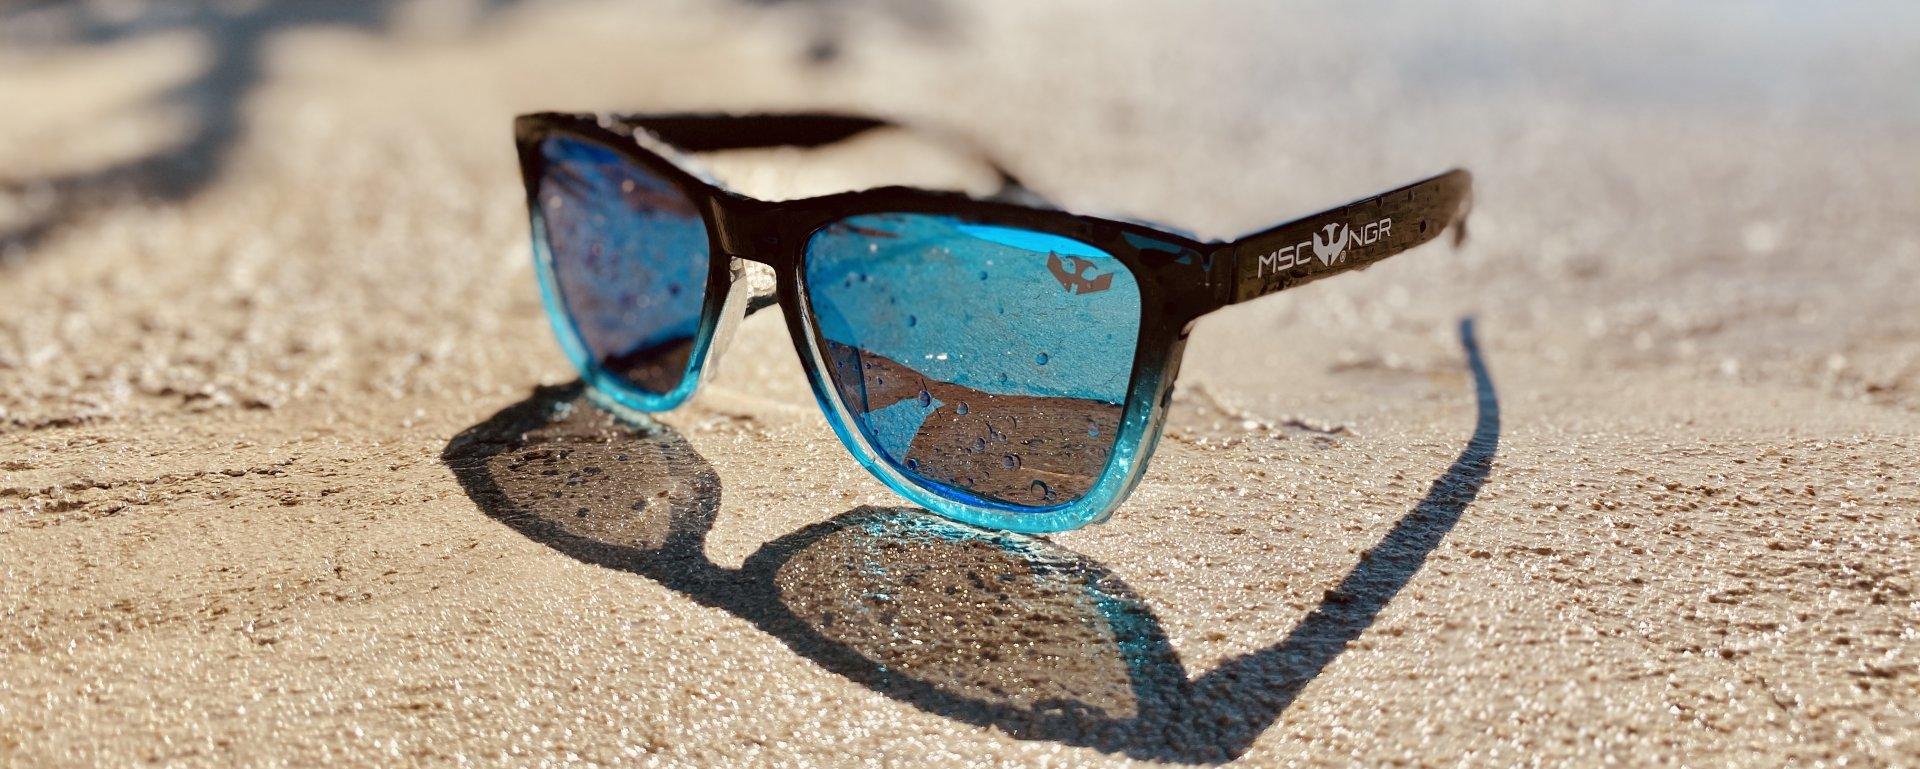 gafas de sol mosca negra polarizadas 01.jpeg